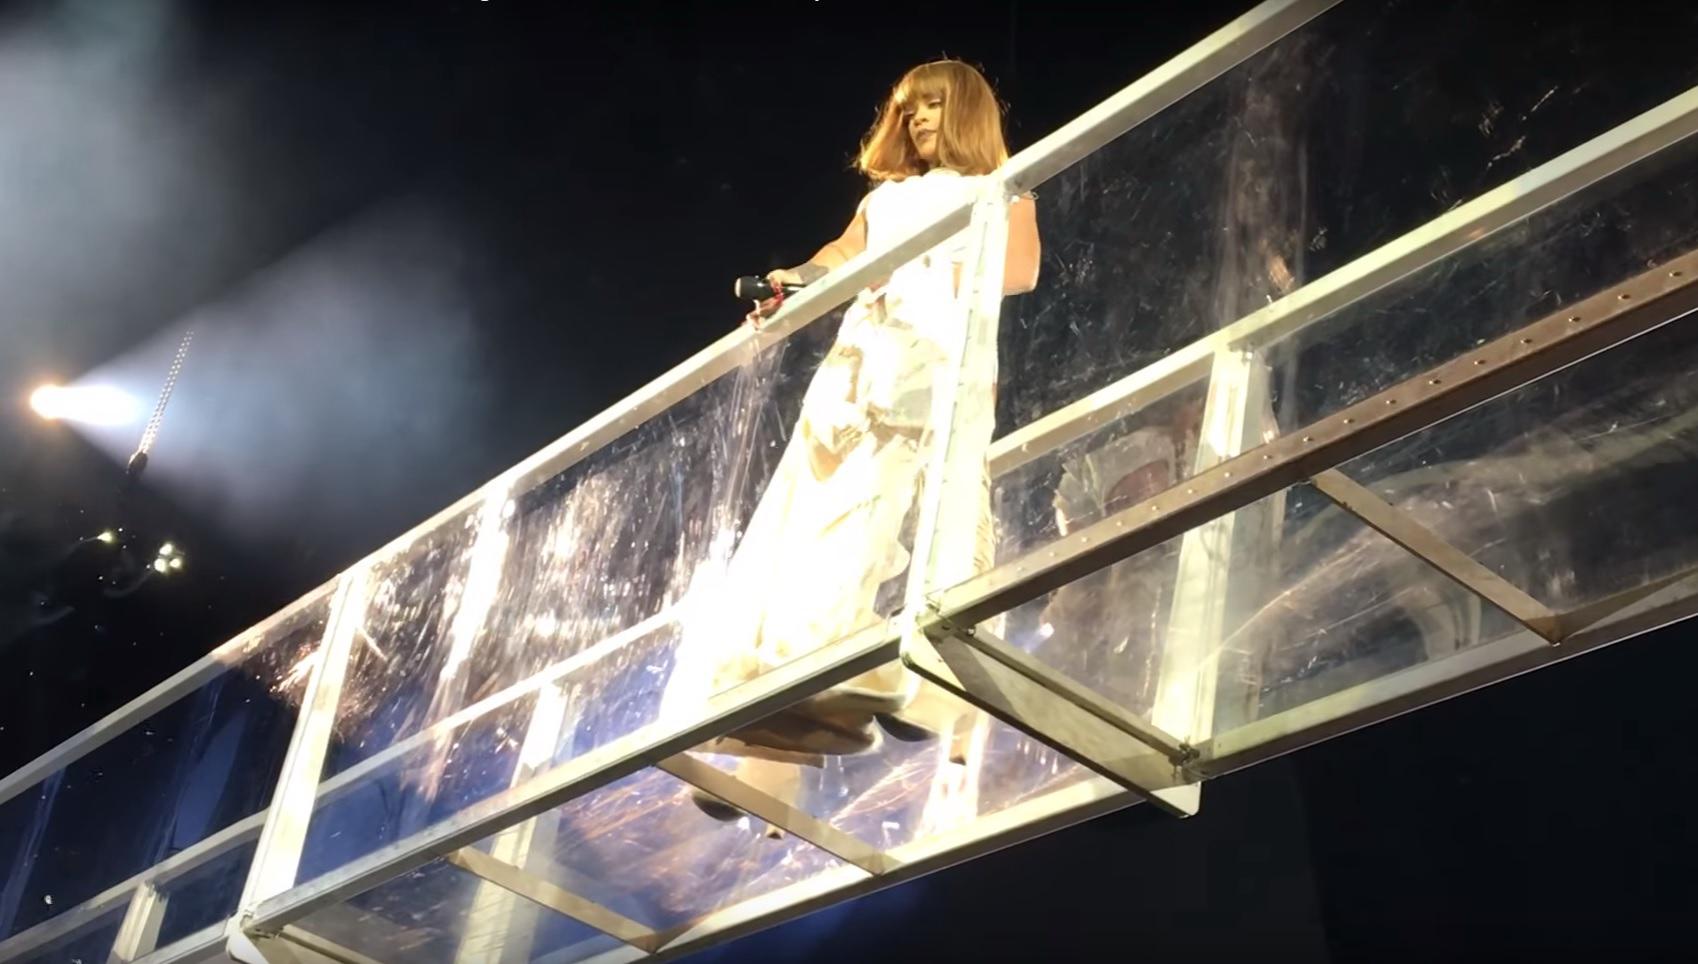 qui est Rihanna datant en ce moment 2014